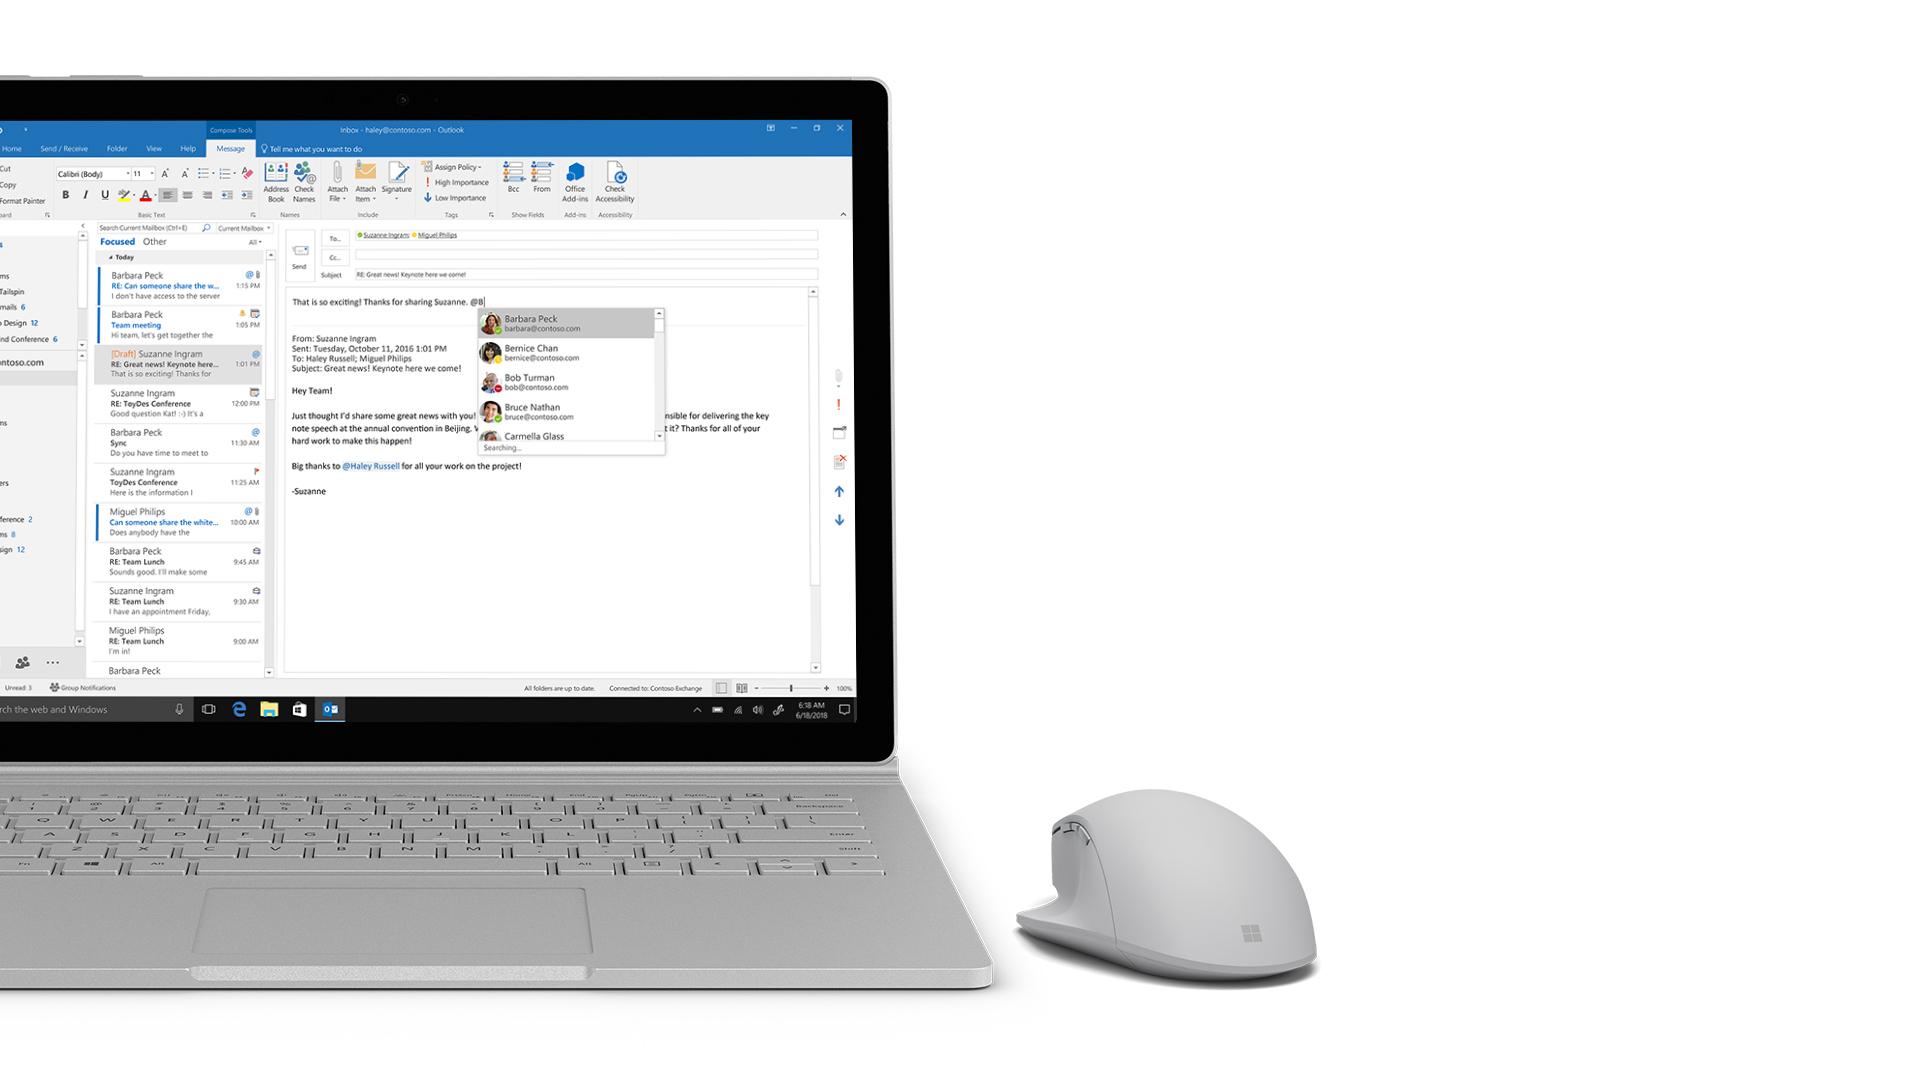 Surface 上の Outlook のスクリーン ショット。